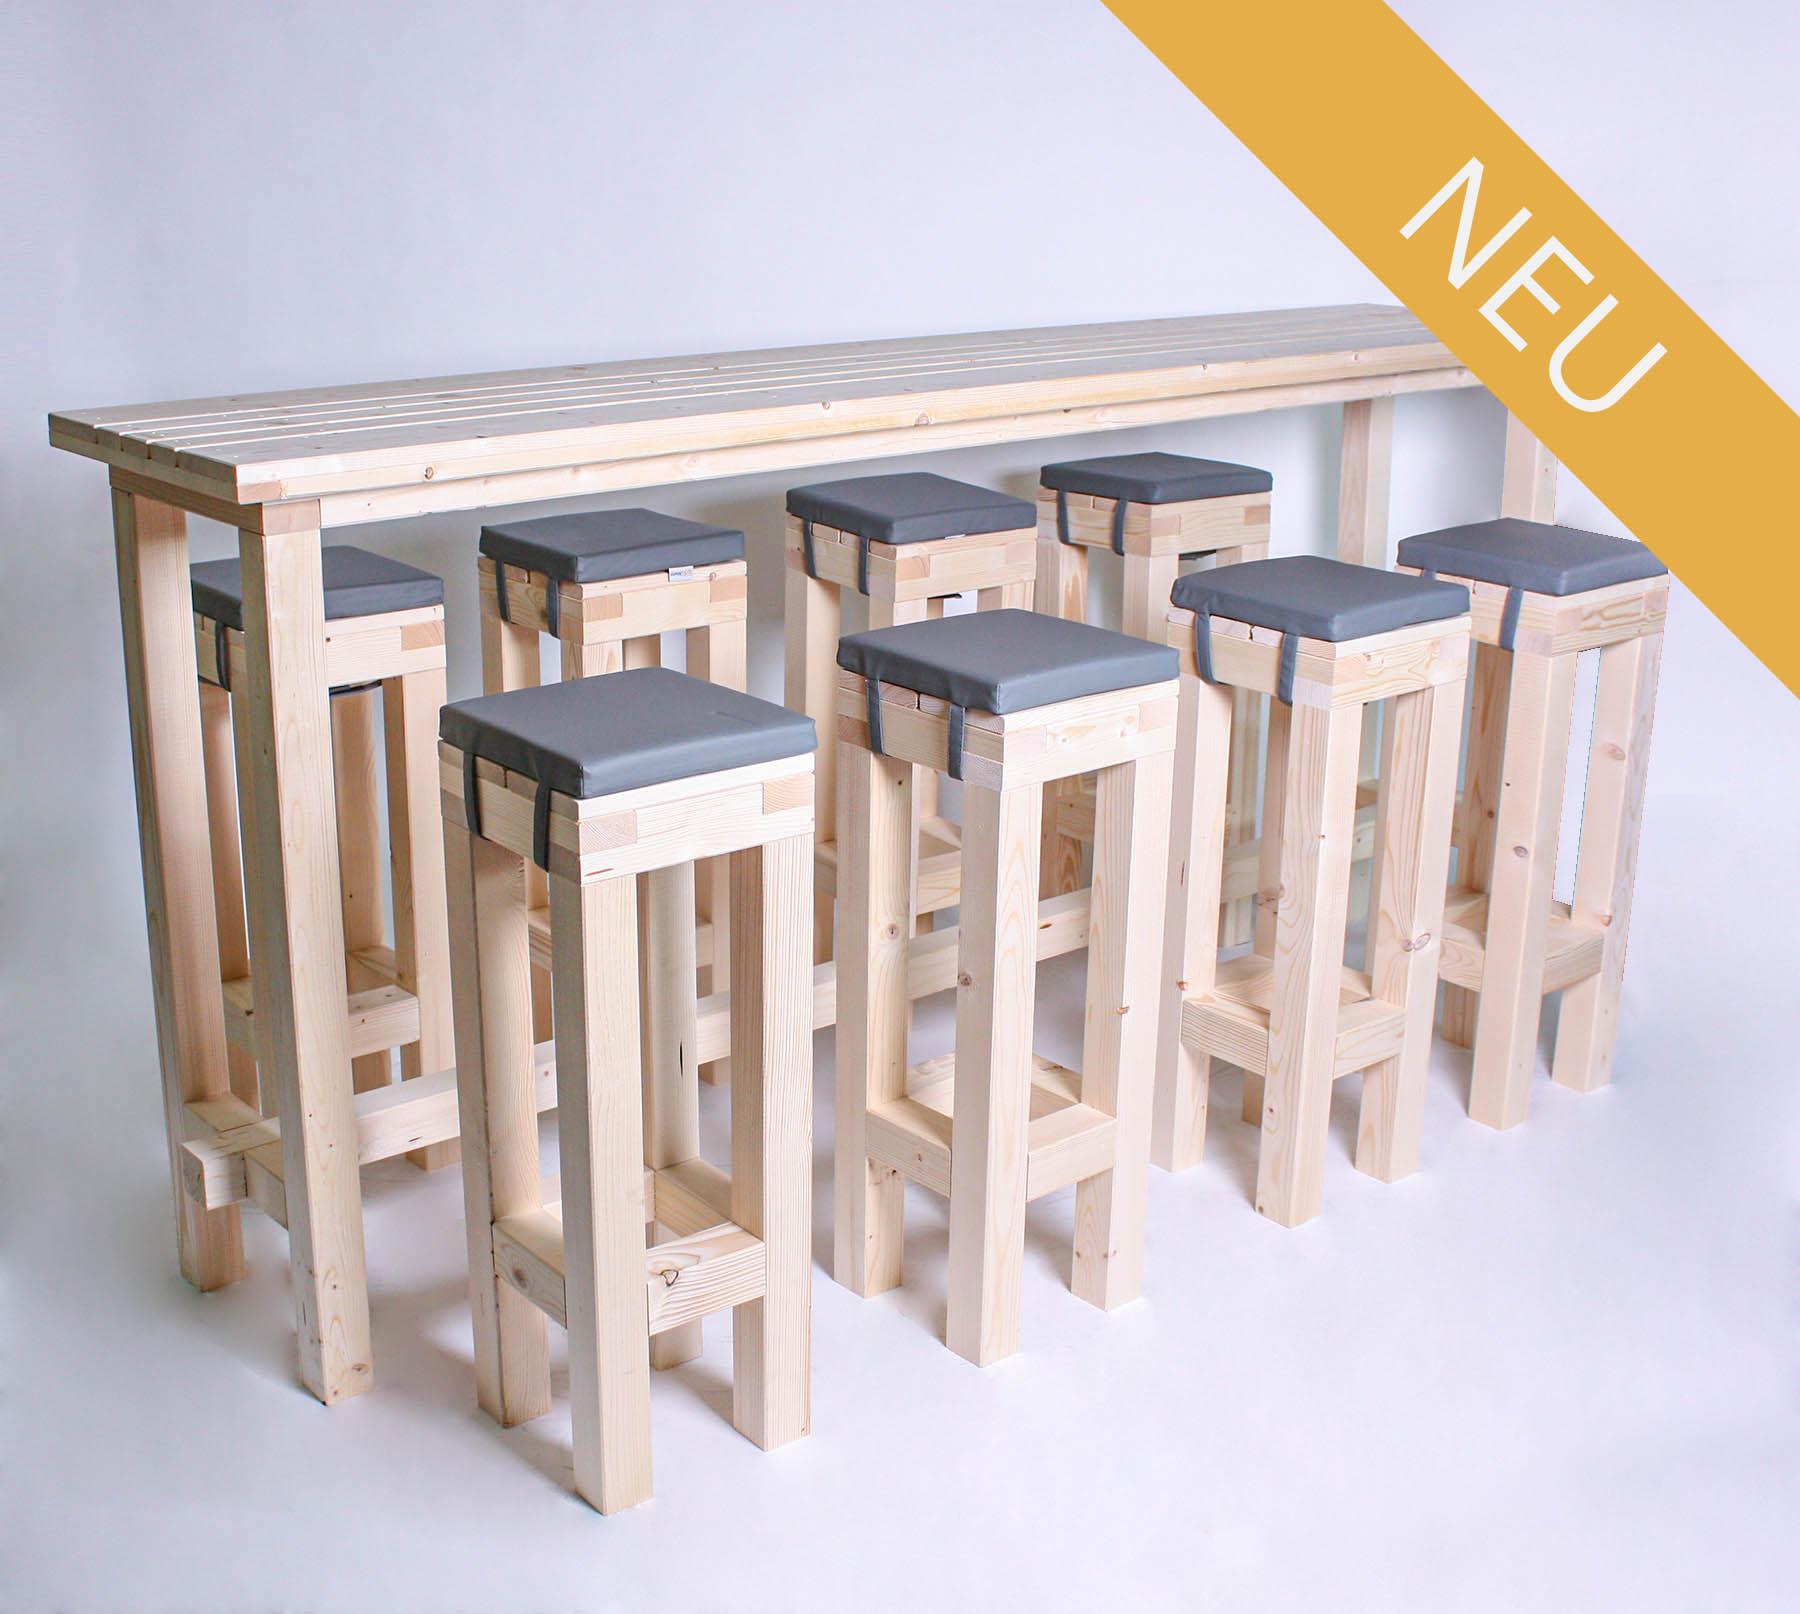 Stehgarnitur Kompakt 8 Personen Tisch 240 Cm Supersack De